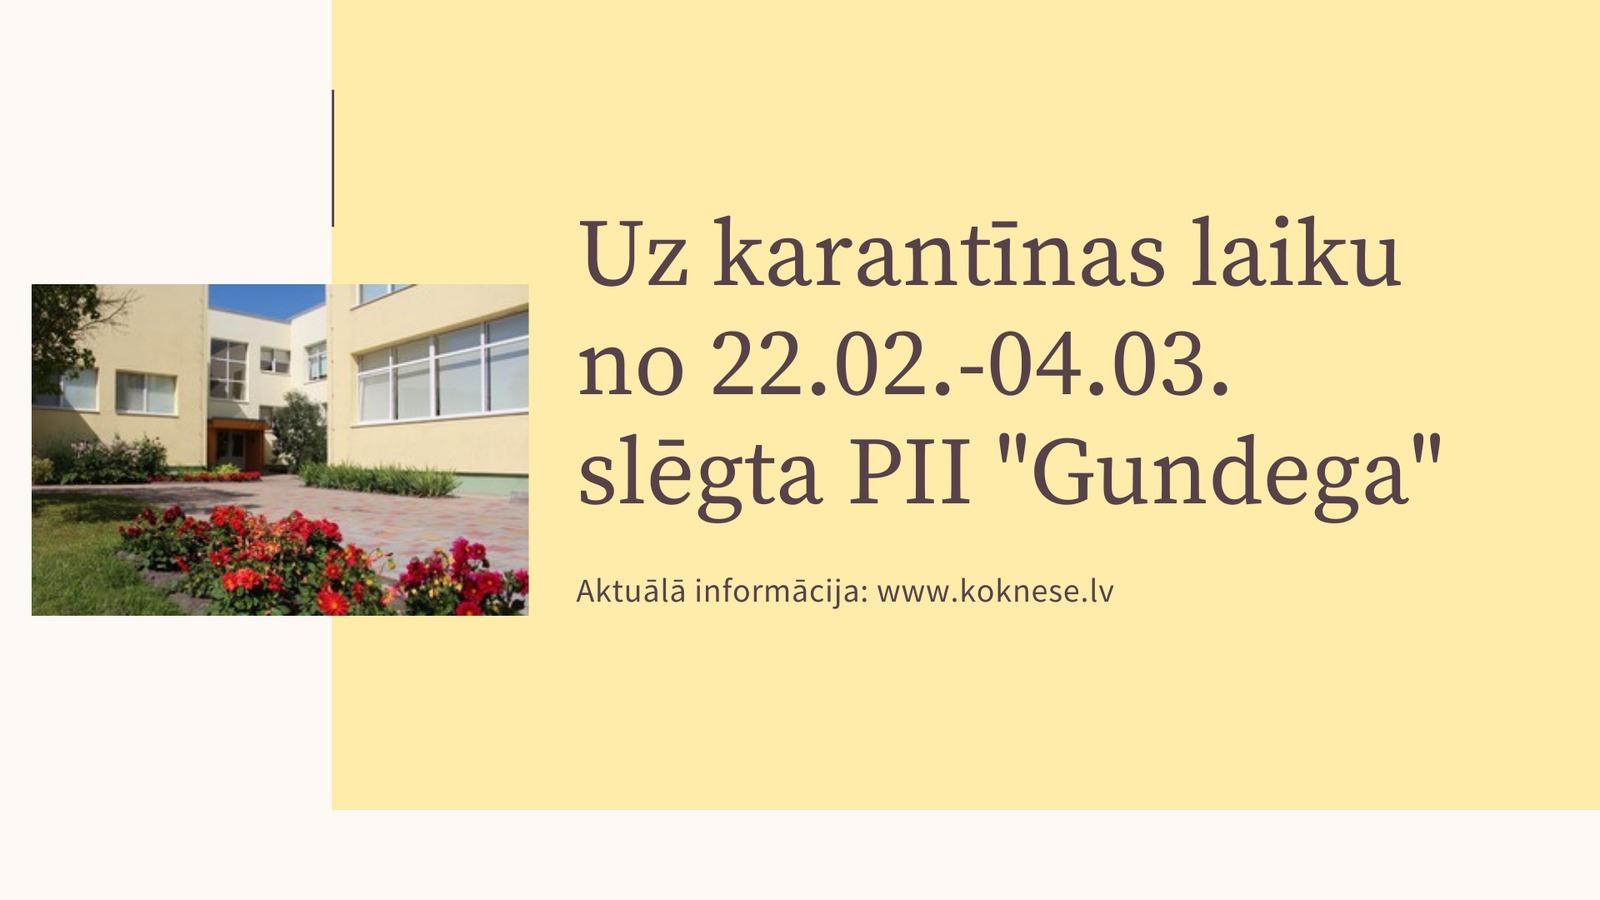 gundega_karantina.jpg